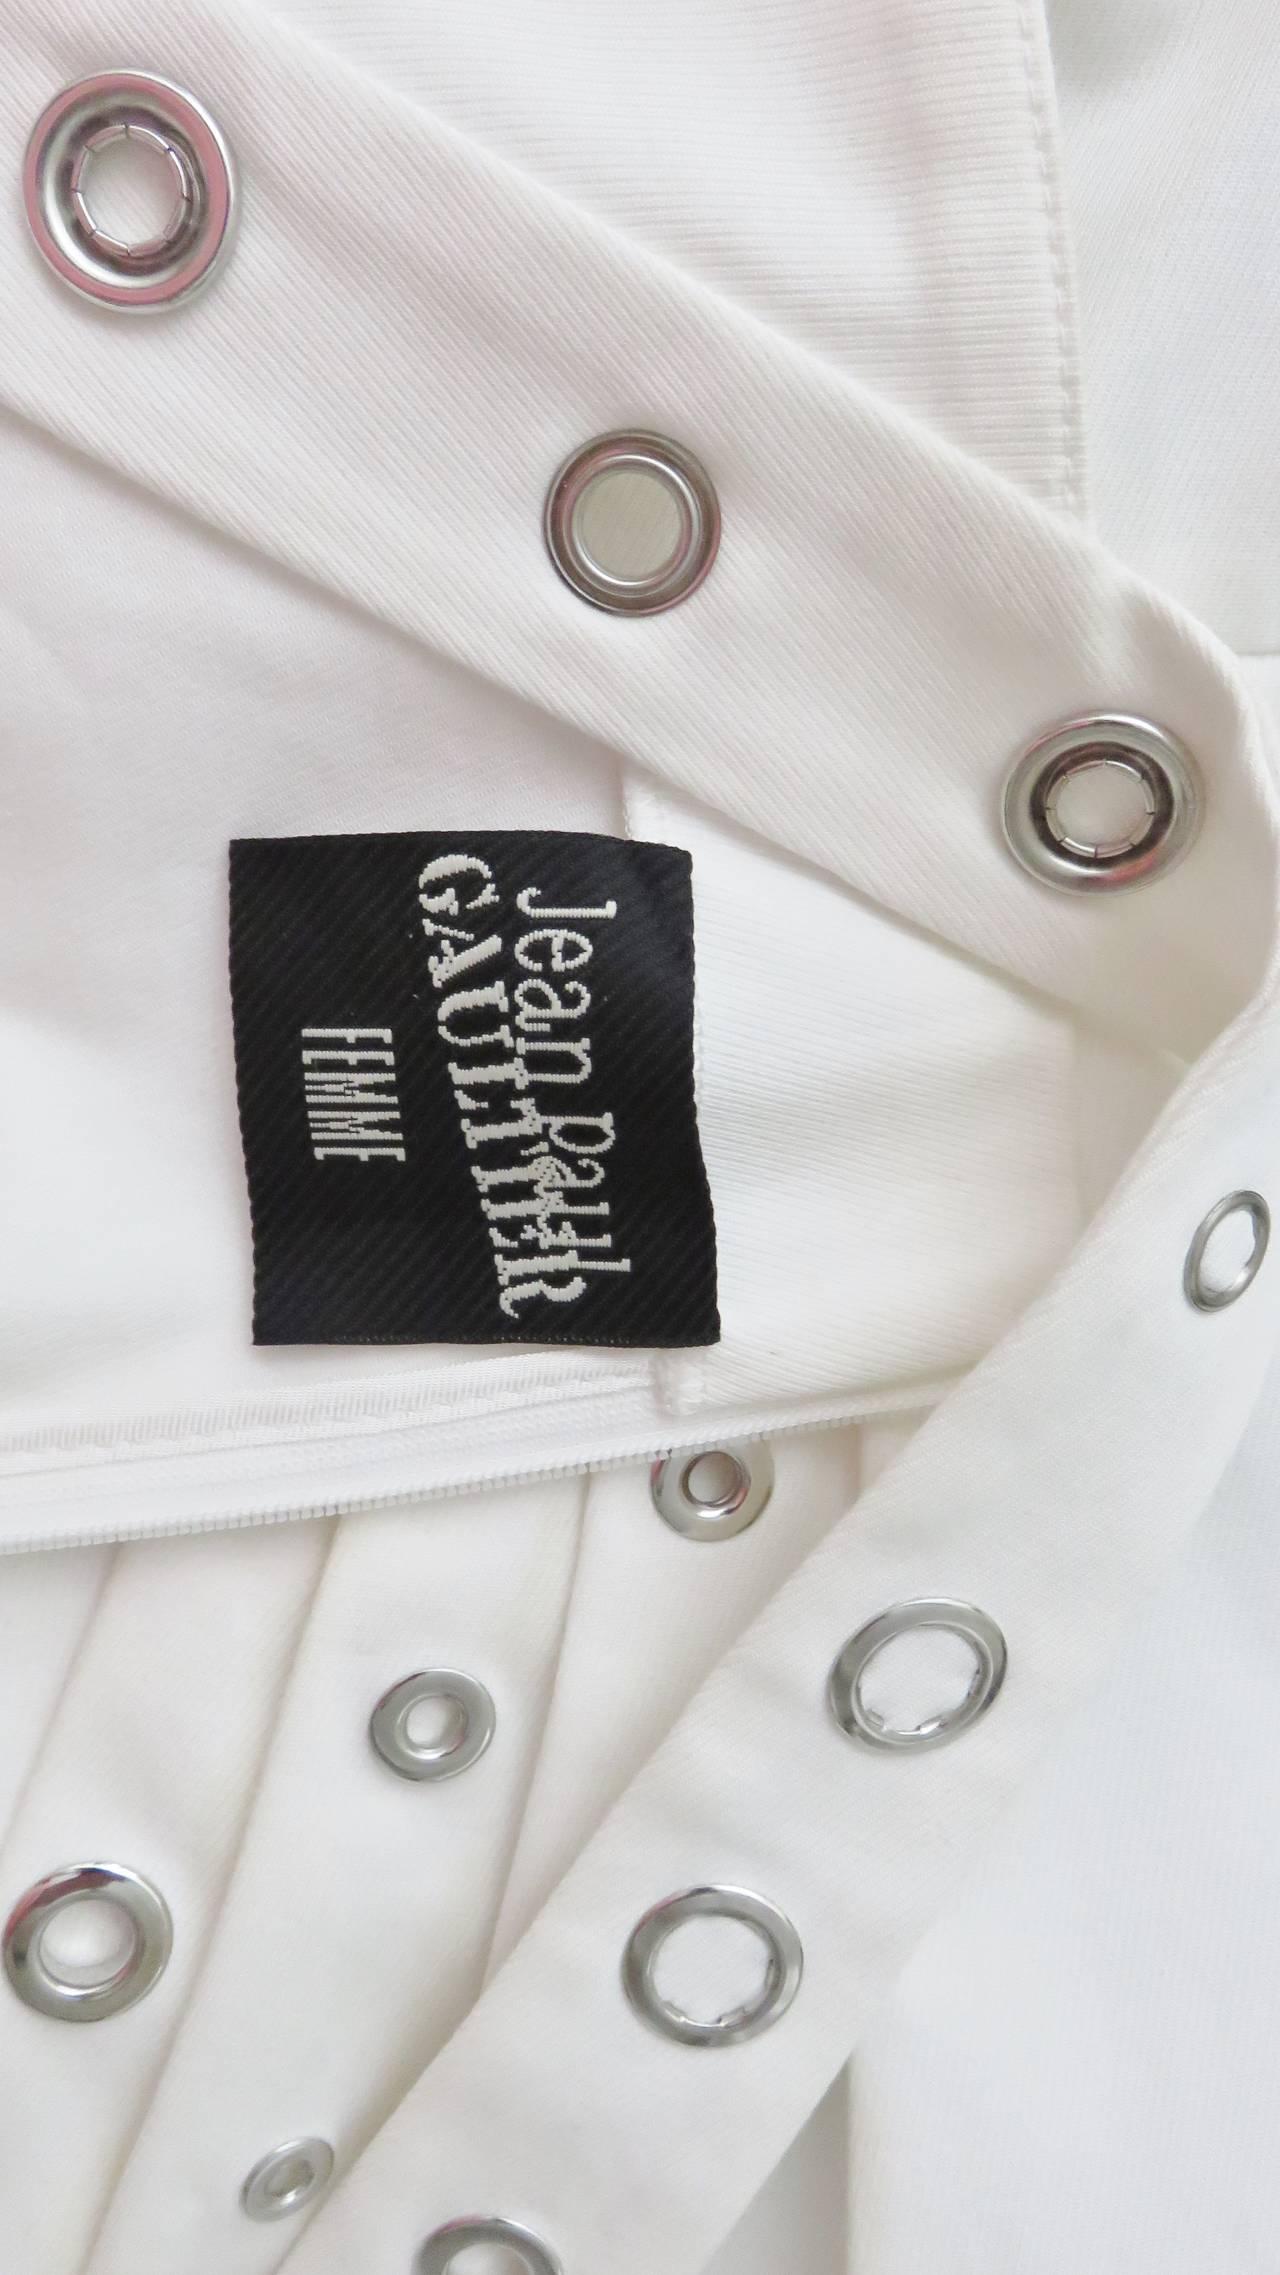 Jean Paul Gaultier Cross Back Dress With Grommets For Sale 5